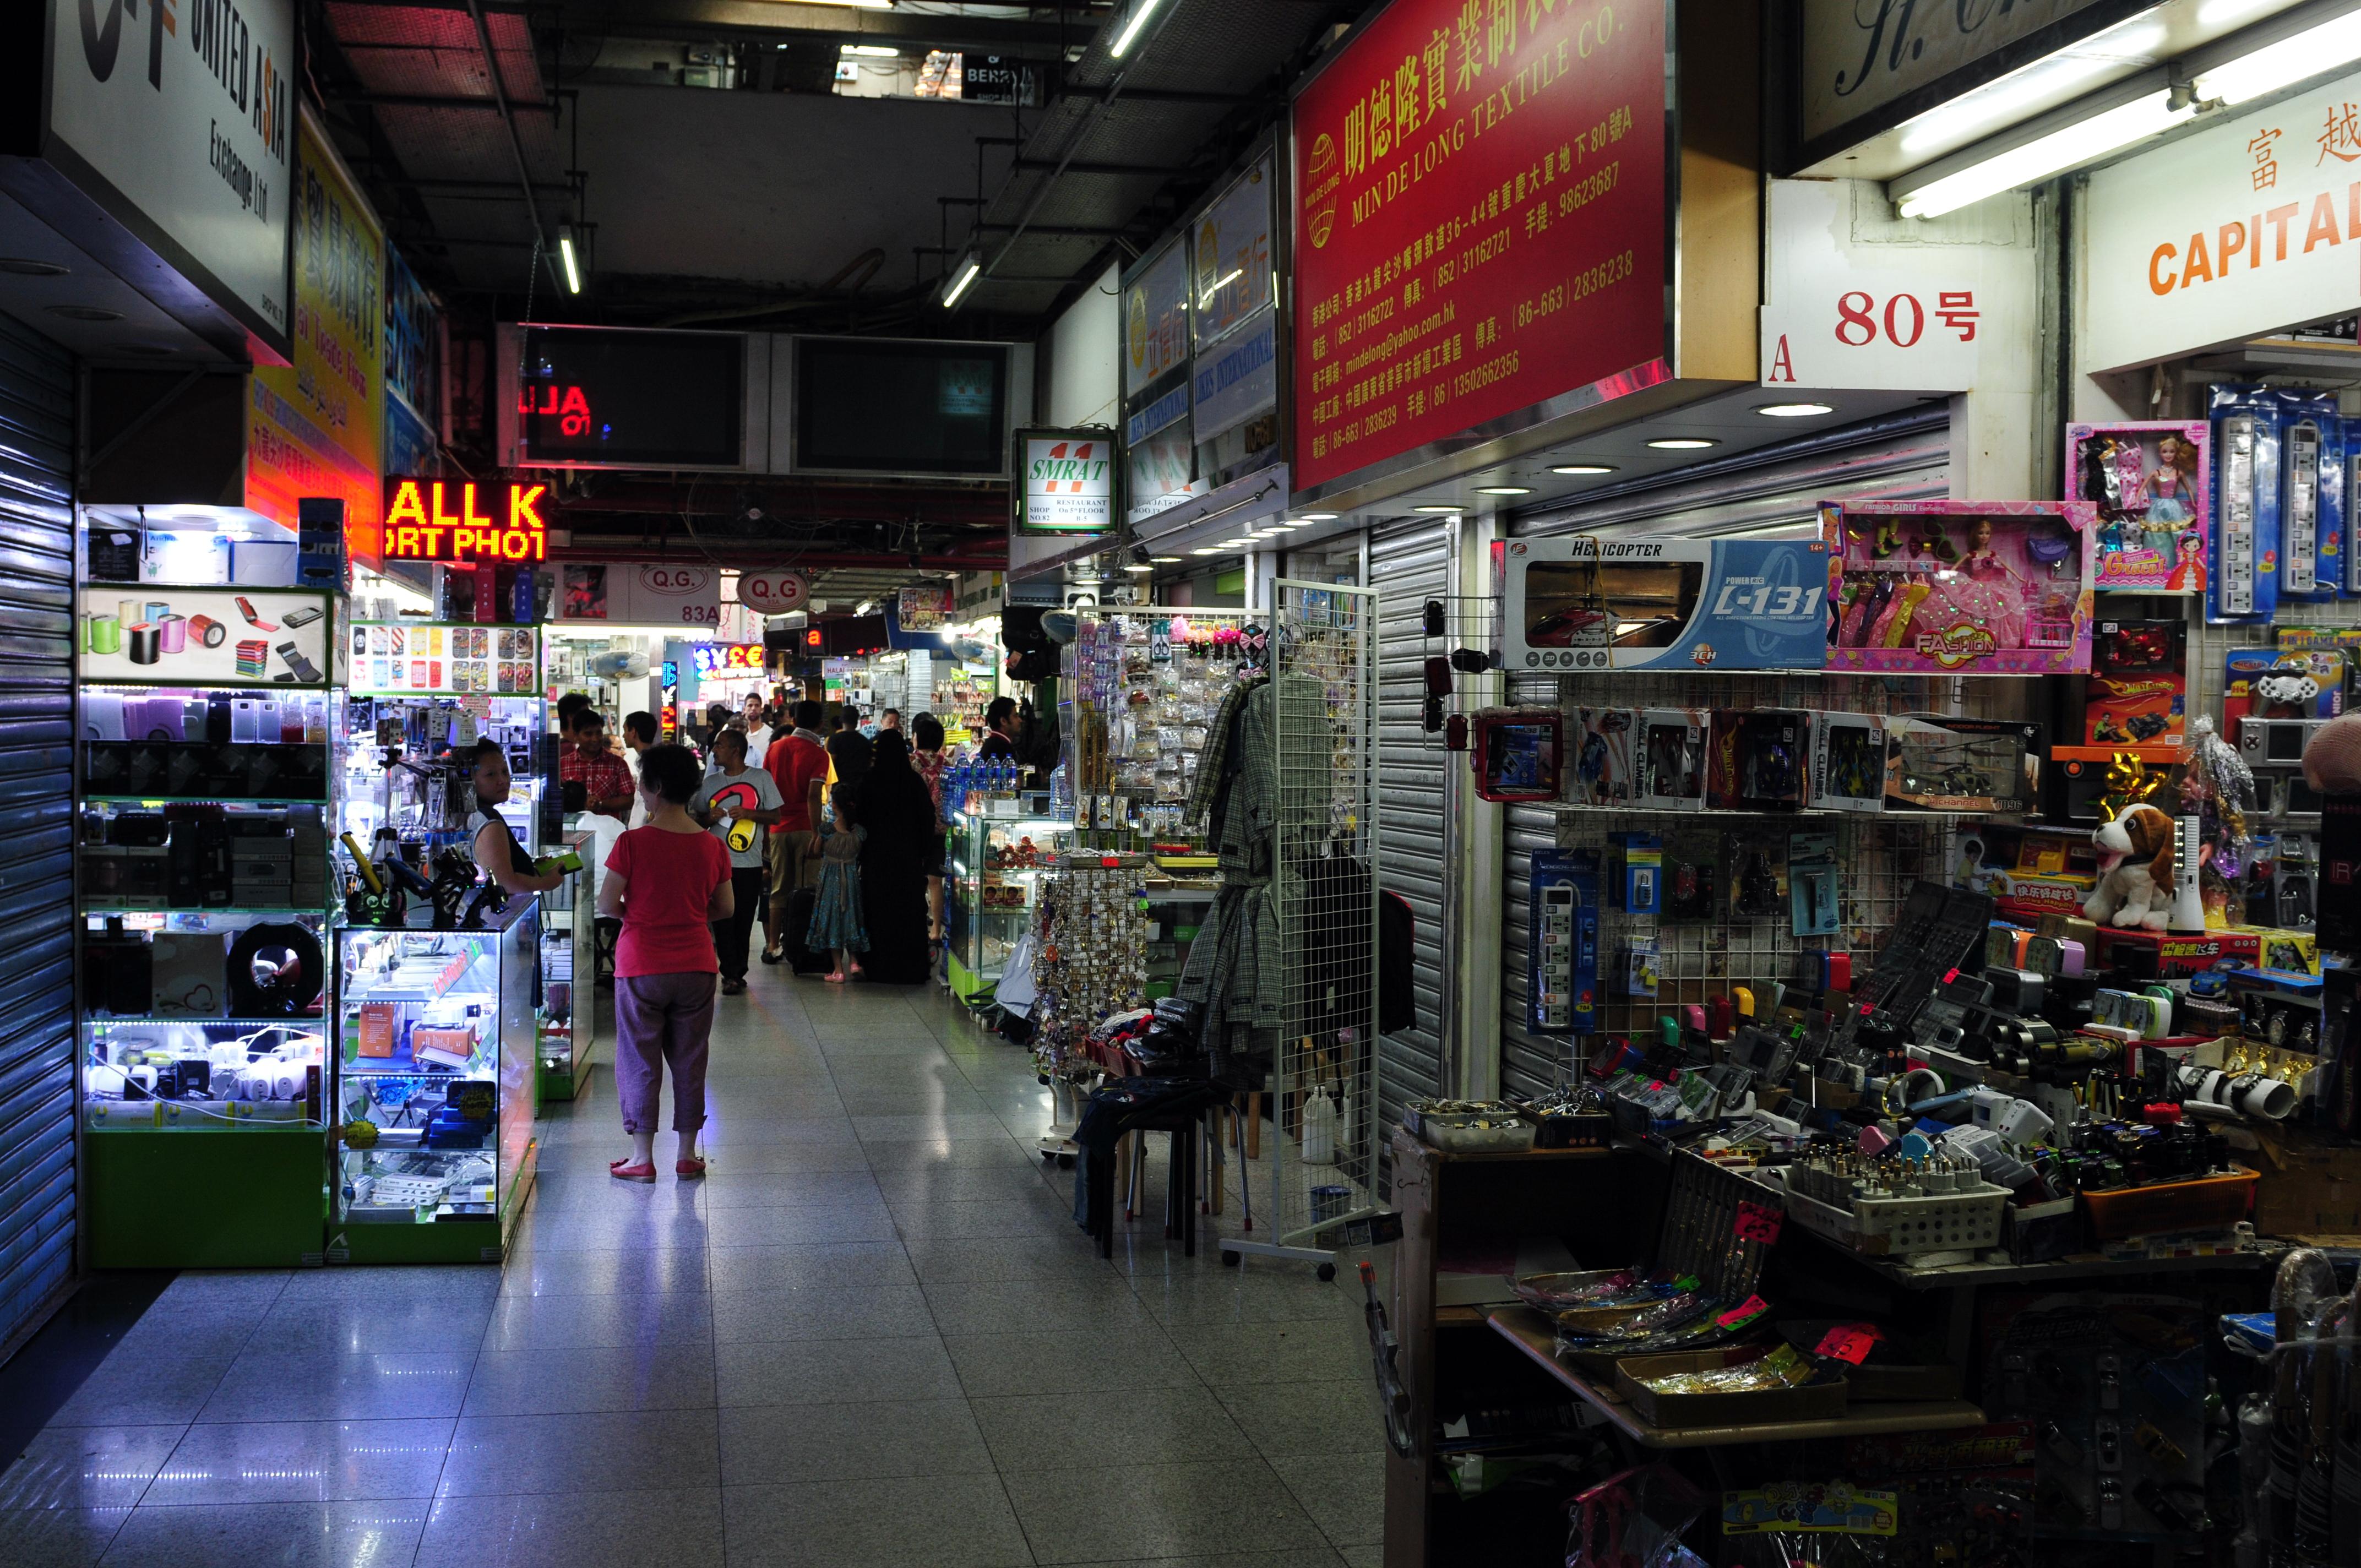 13-08-11-hongkong-chungking-mansions-07.jpg